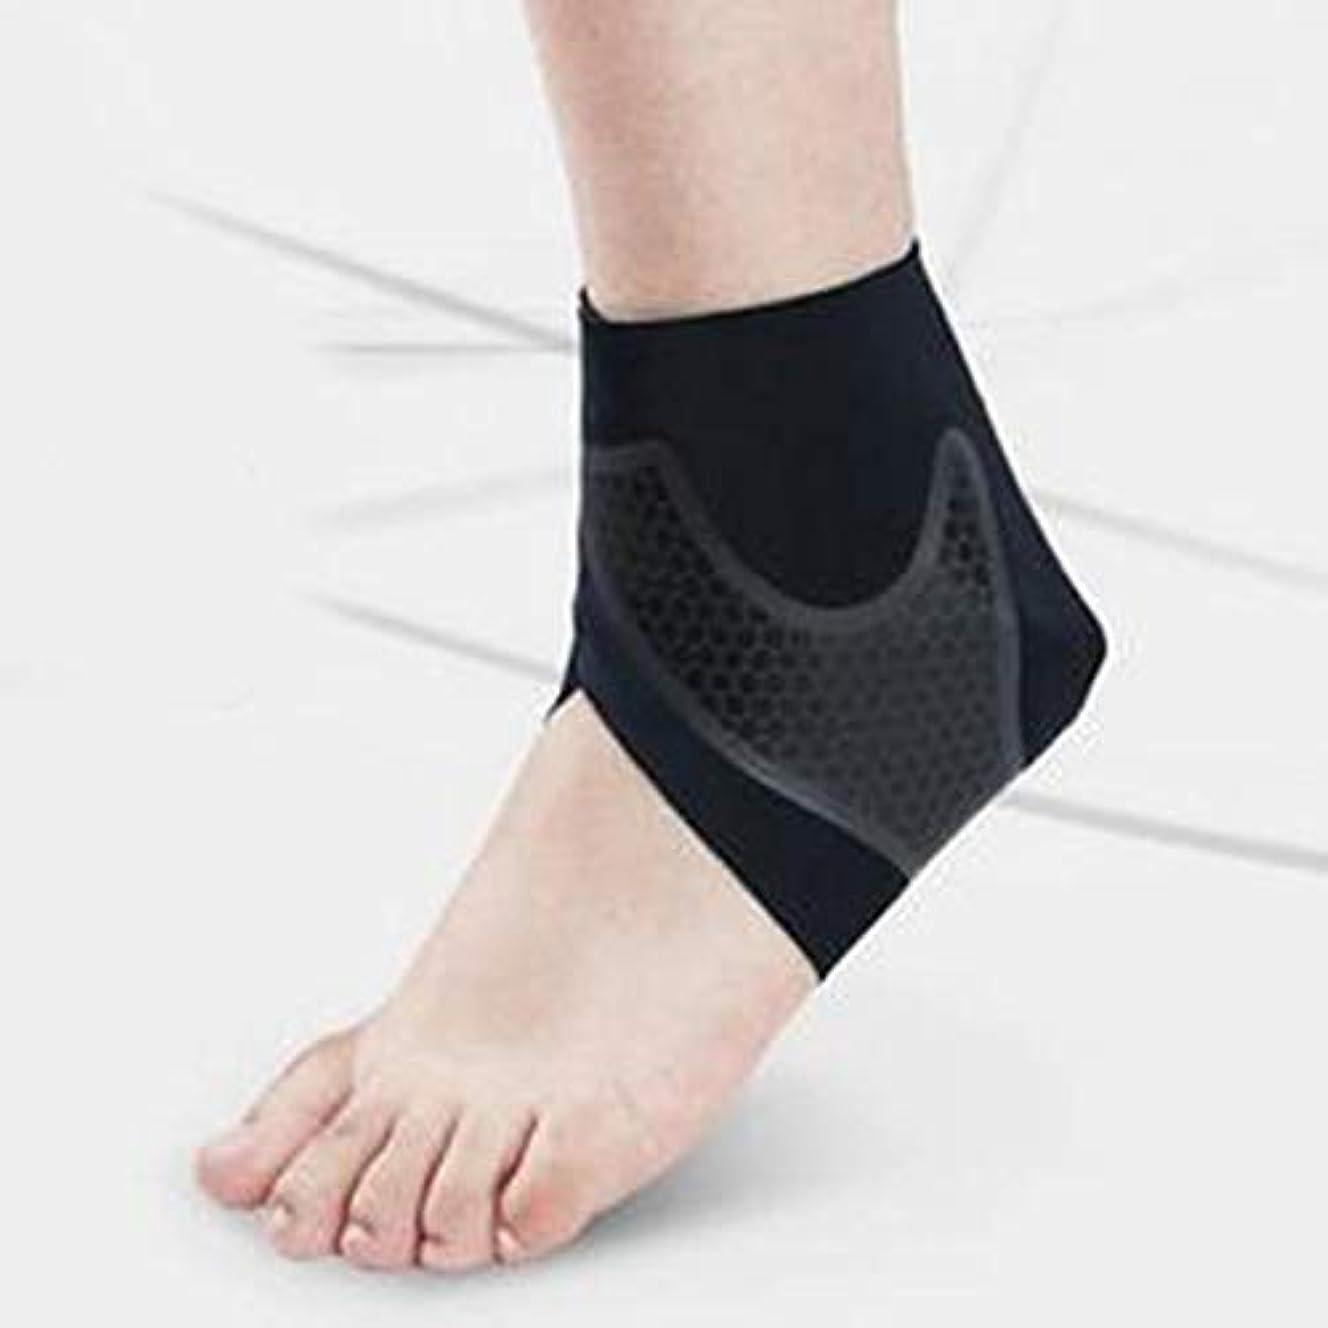 癌まもなく名声Tivollyff 調節可能なスポーツ加圧足首サポートプロテクタースポーツバスケットボール包帯弾性足首プロテクター